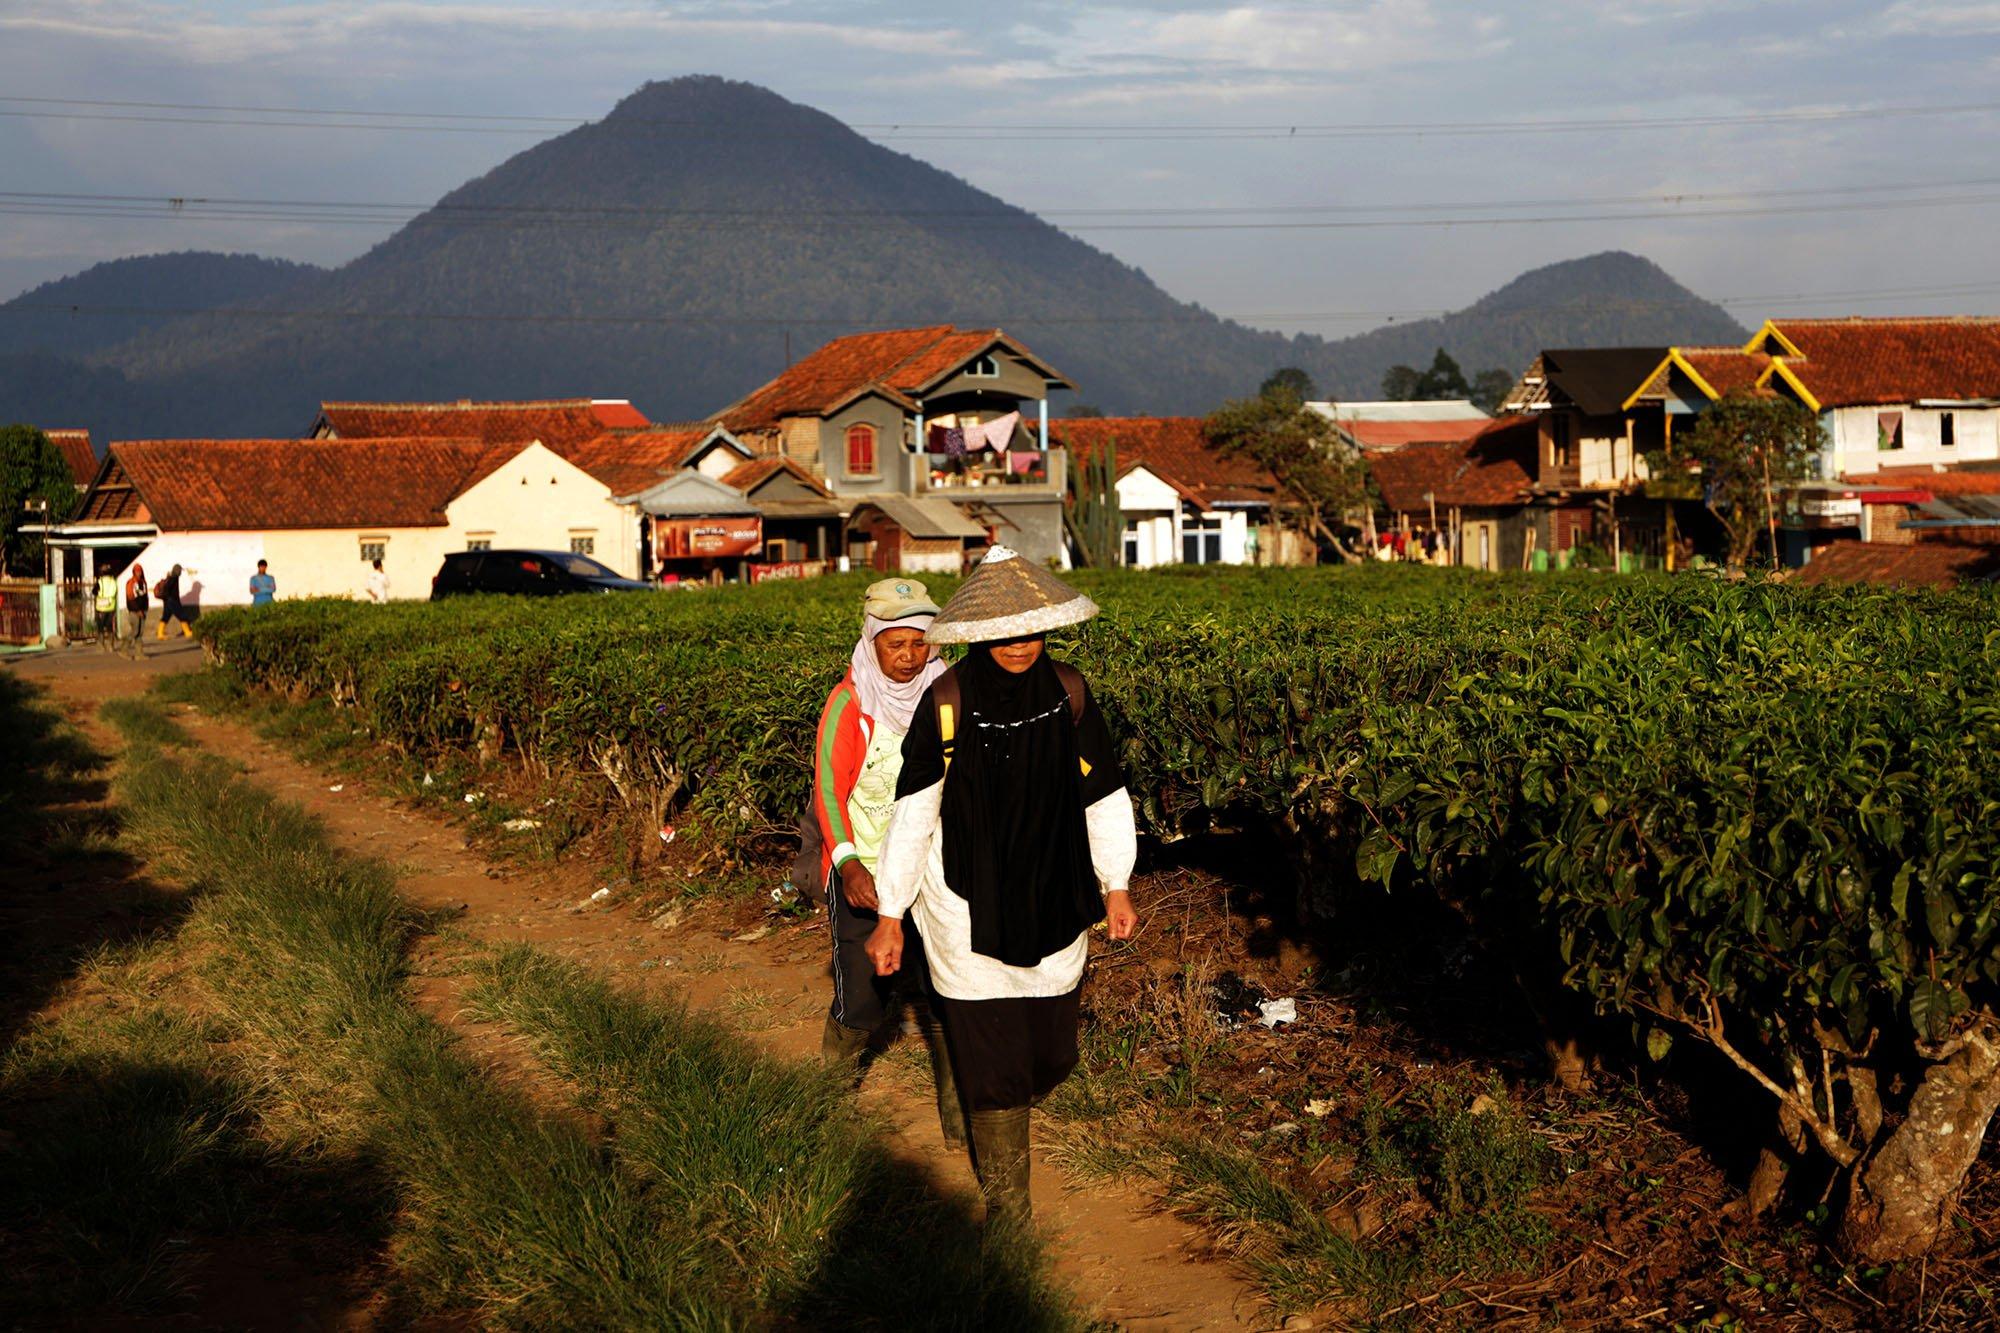 Sejak matahari terbit, para petani bergegas menuju kebun kopi di kawasan pegunungan Malabar, Bandung, Jawa Barat (15/11/2019).